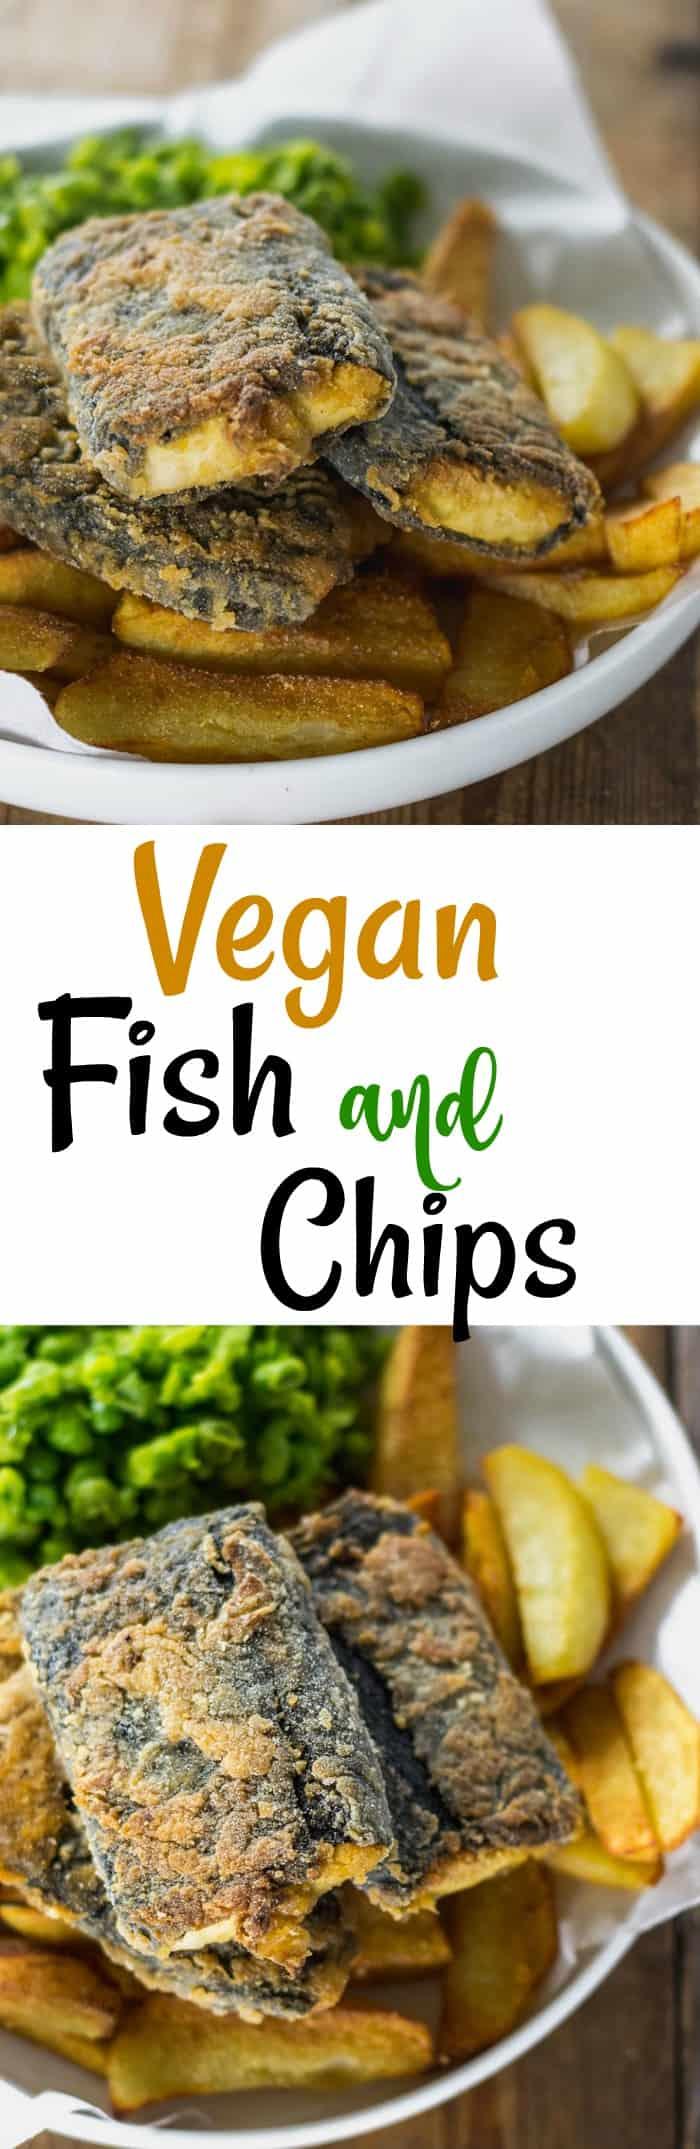 Vegan Fish and Chips Pin